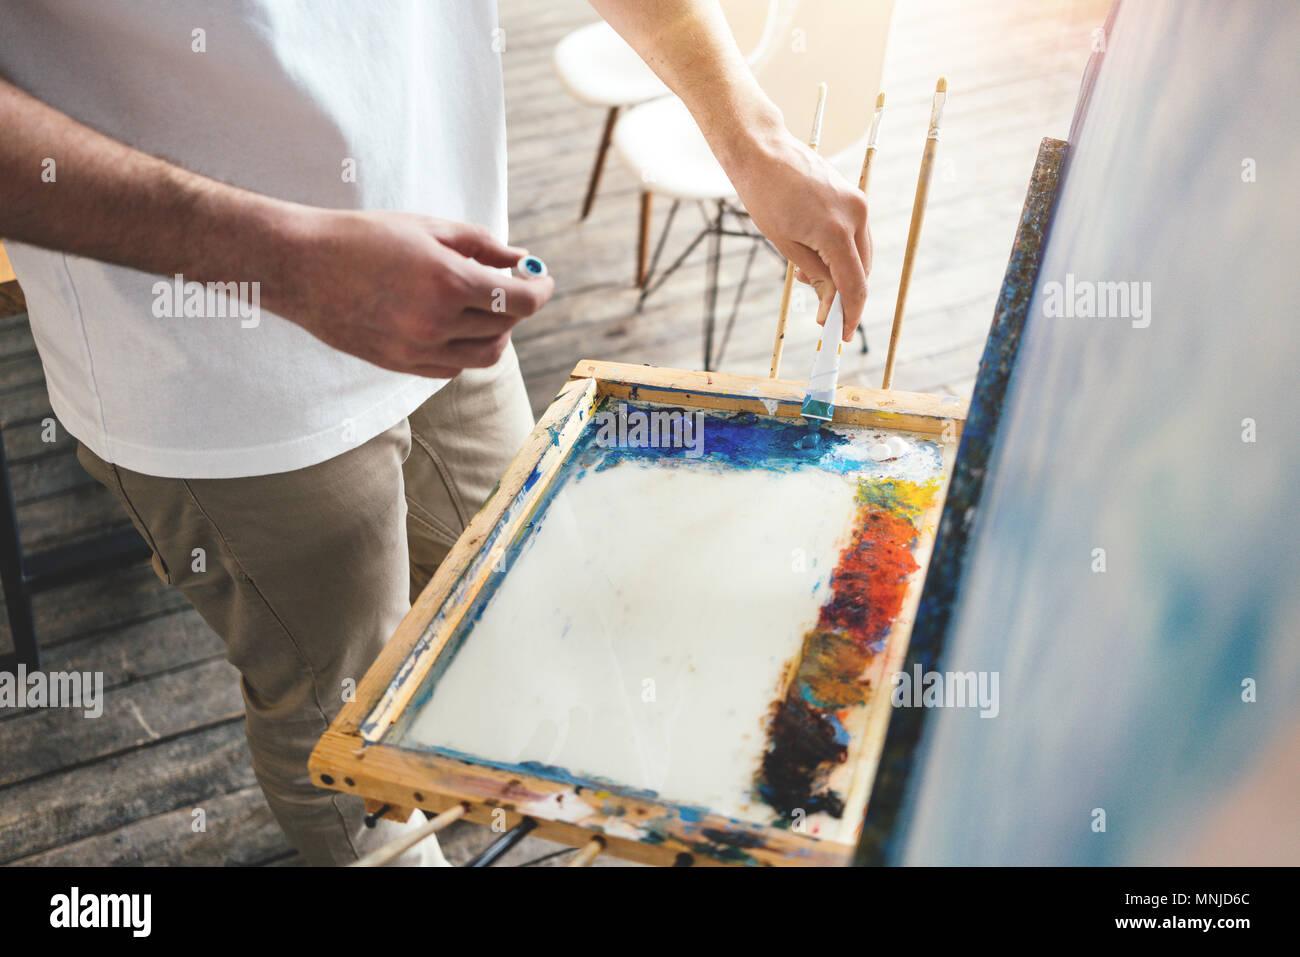 Maler mischt die Farben auf der Palette in der Werkstatt. Männer Künstler in Light Studio. Lens flare Effekt Stockbild